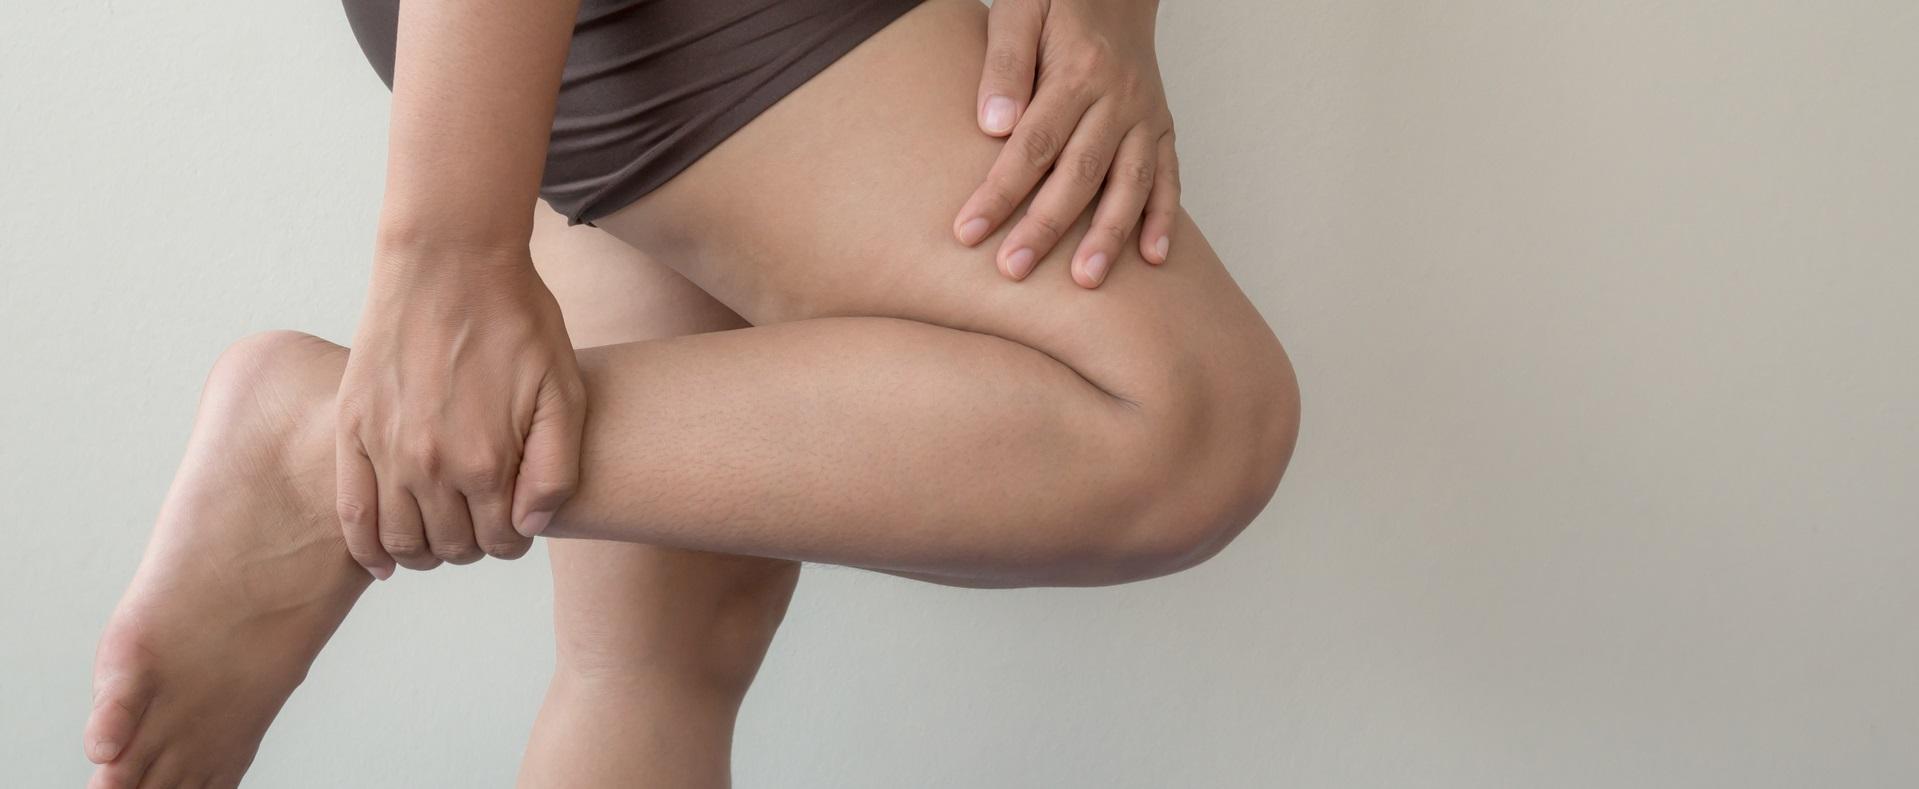 蘿蔔腿族易患慢性腎病 小腿肚逾36公分是警訊